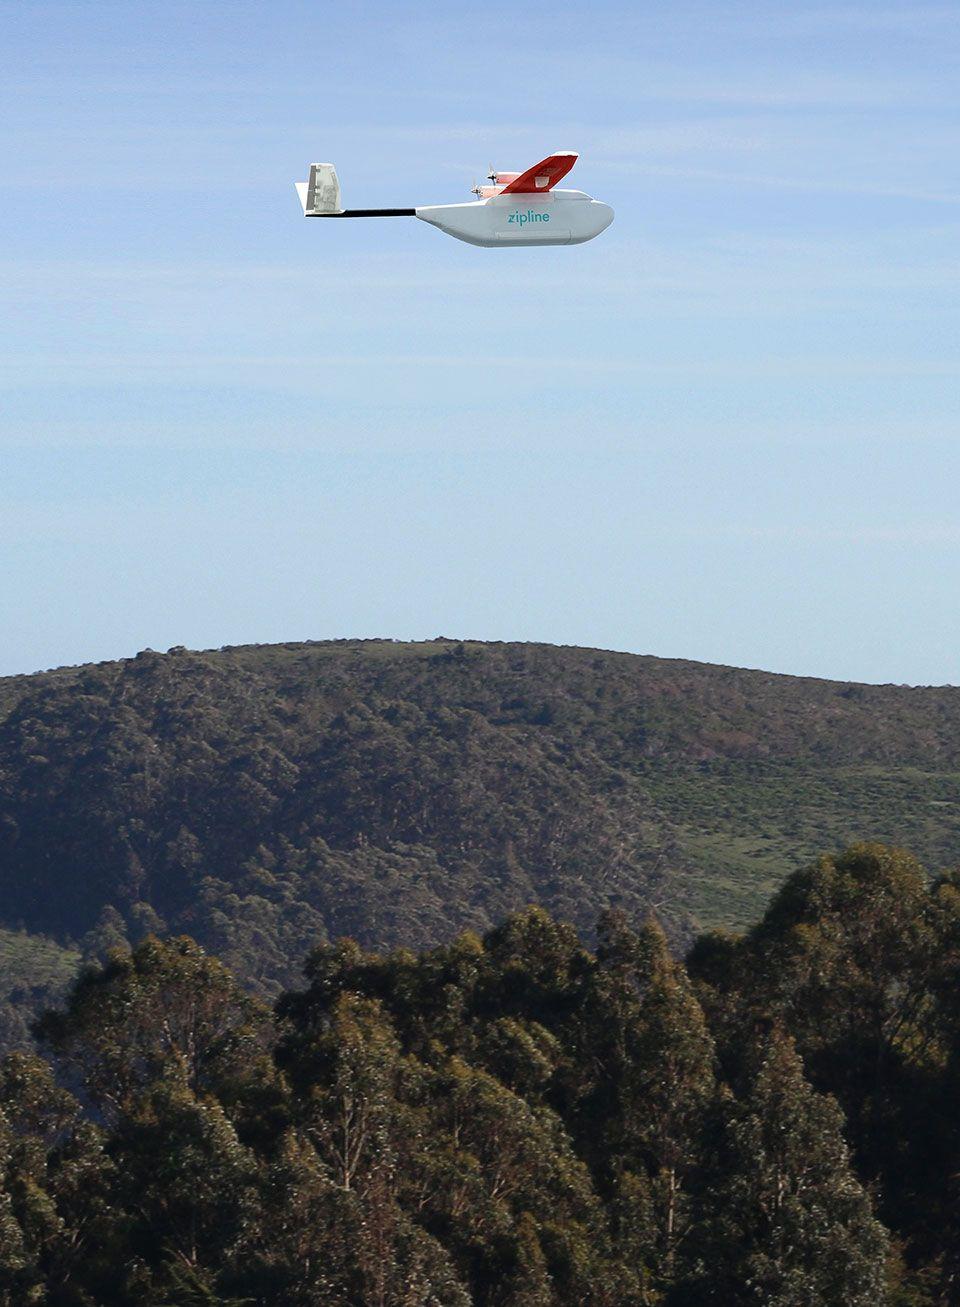 Zipline Is Using Drones To Deliver Medicine In Rwanda